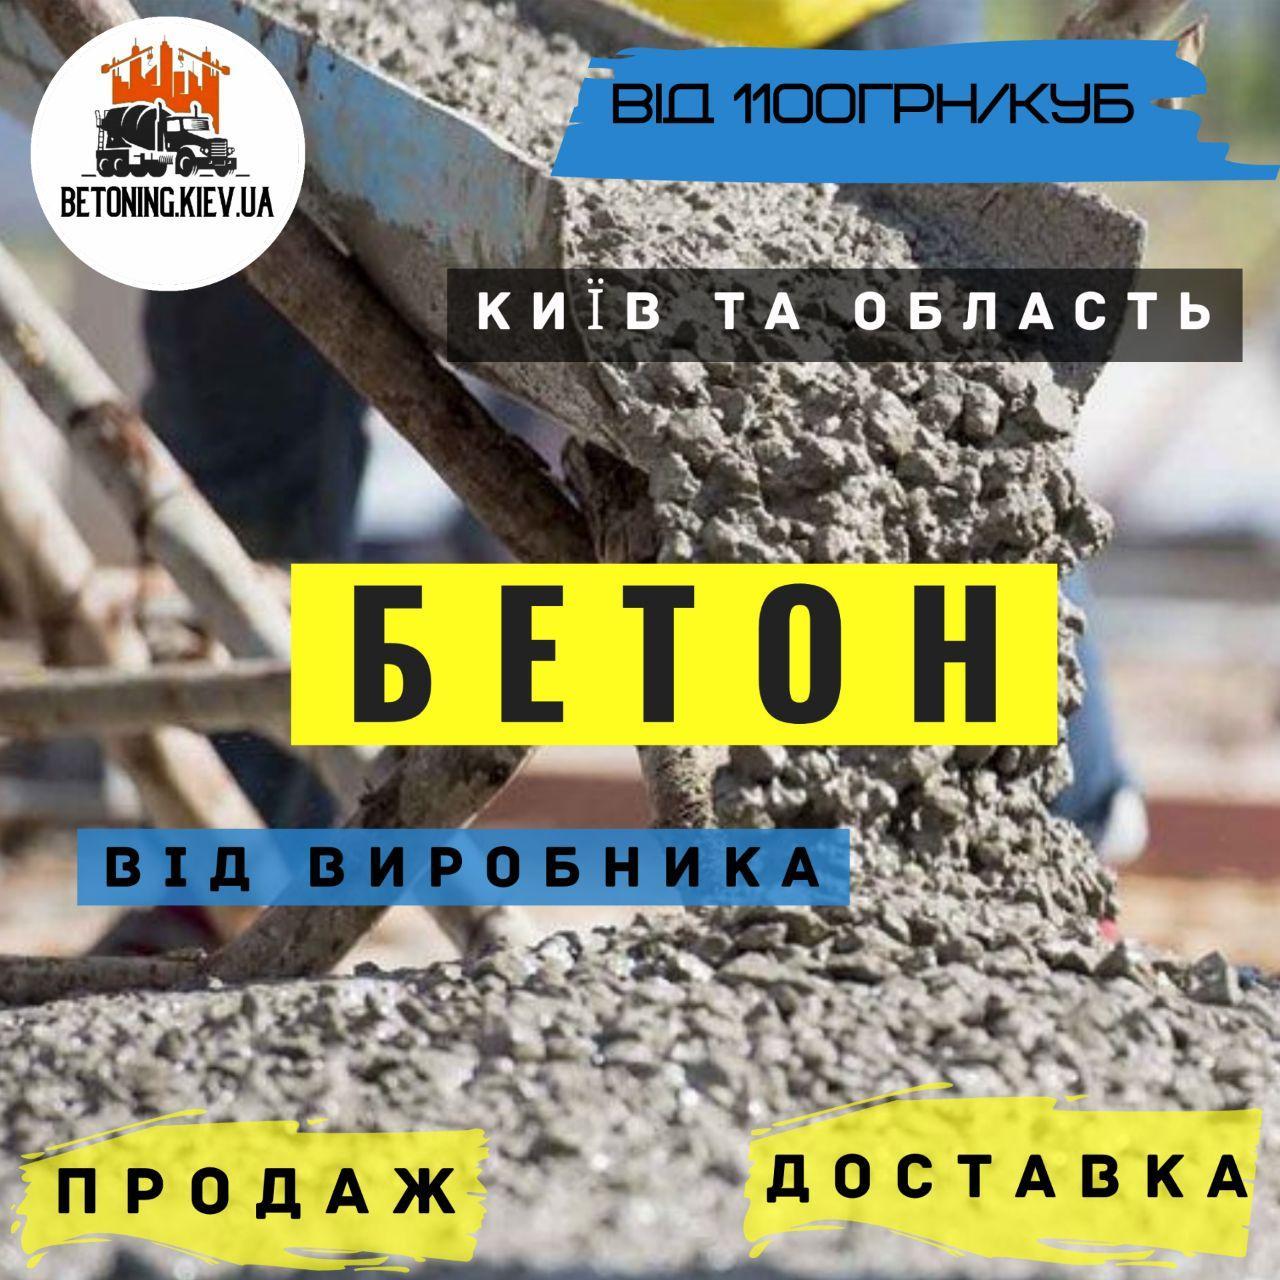 Ки бетона заказать машину с бетоном цена москва